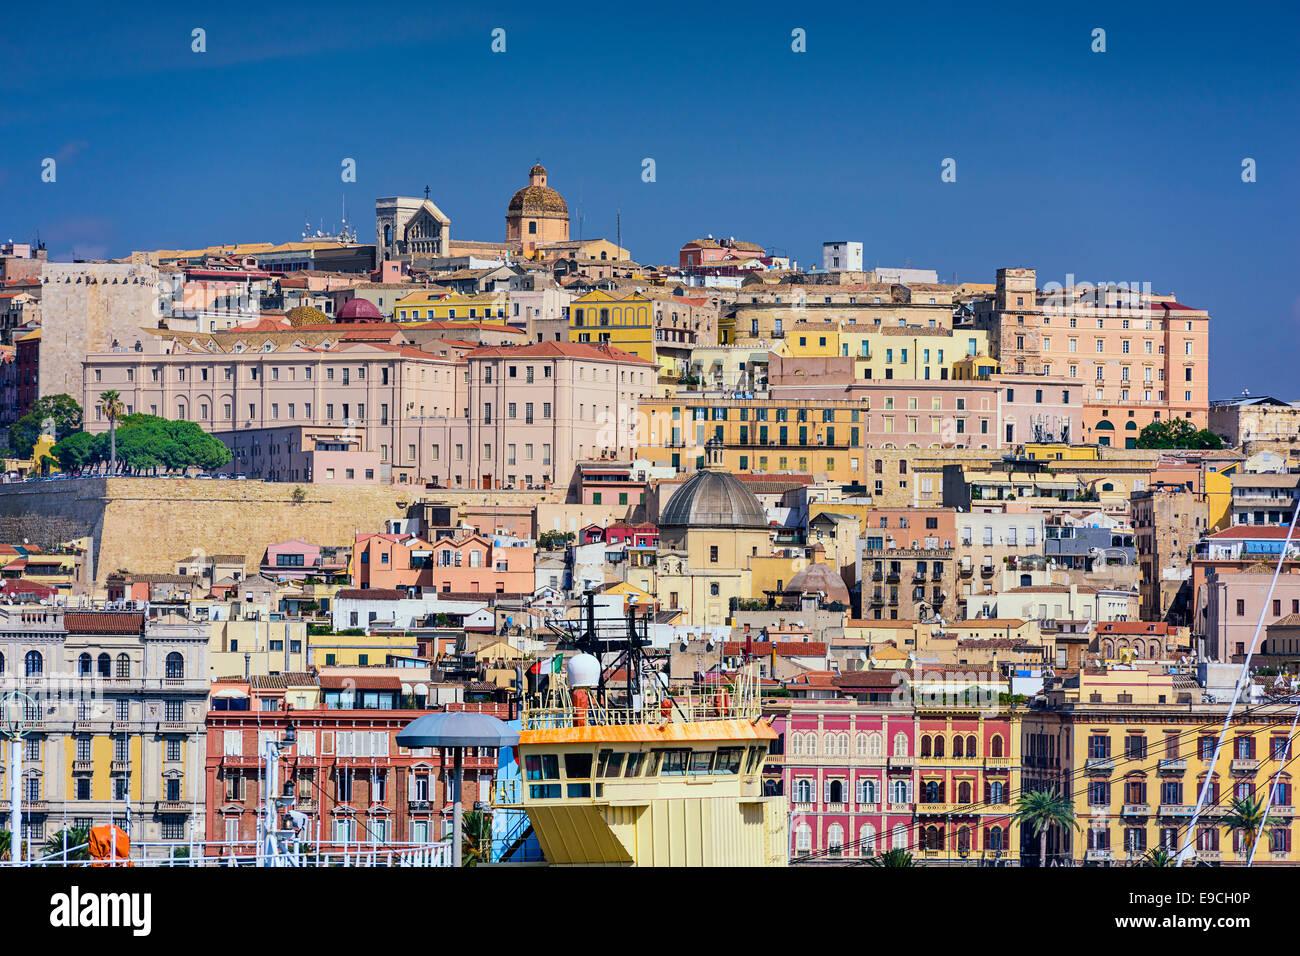 Cagliari, Sardaigne, Italie paysage urbain. Banque D'Images